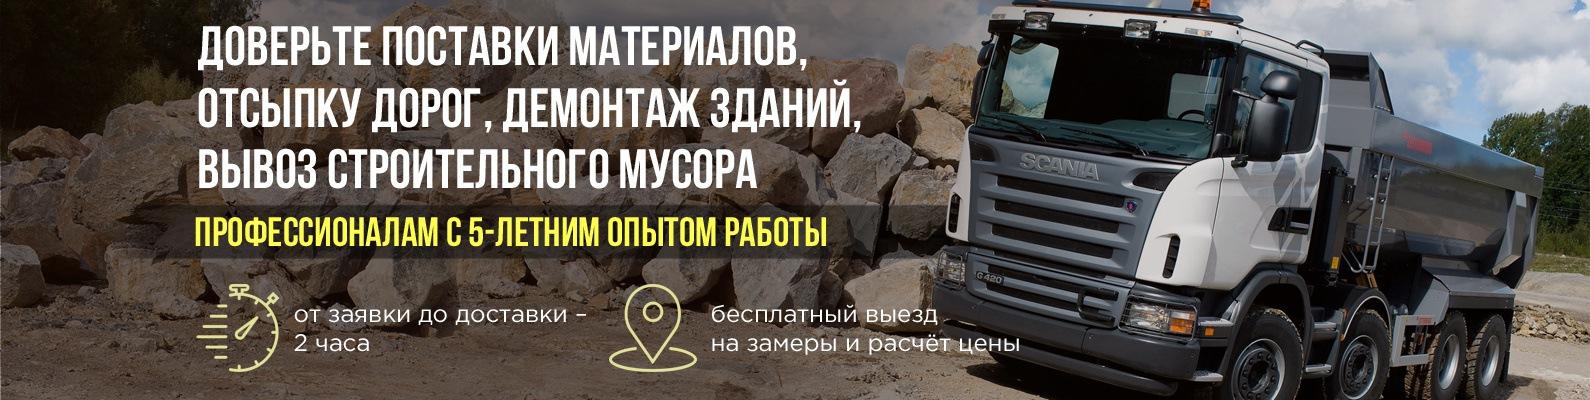 Цена на строительний песок в Ижевск.2012 год строительные материалы ново